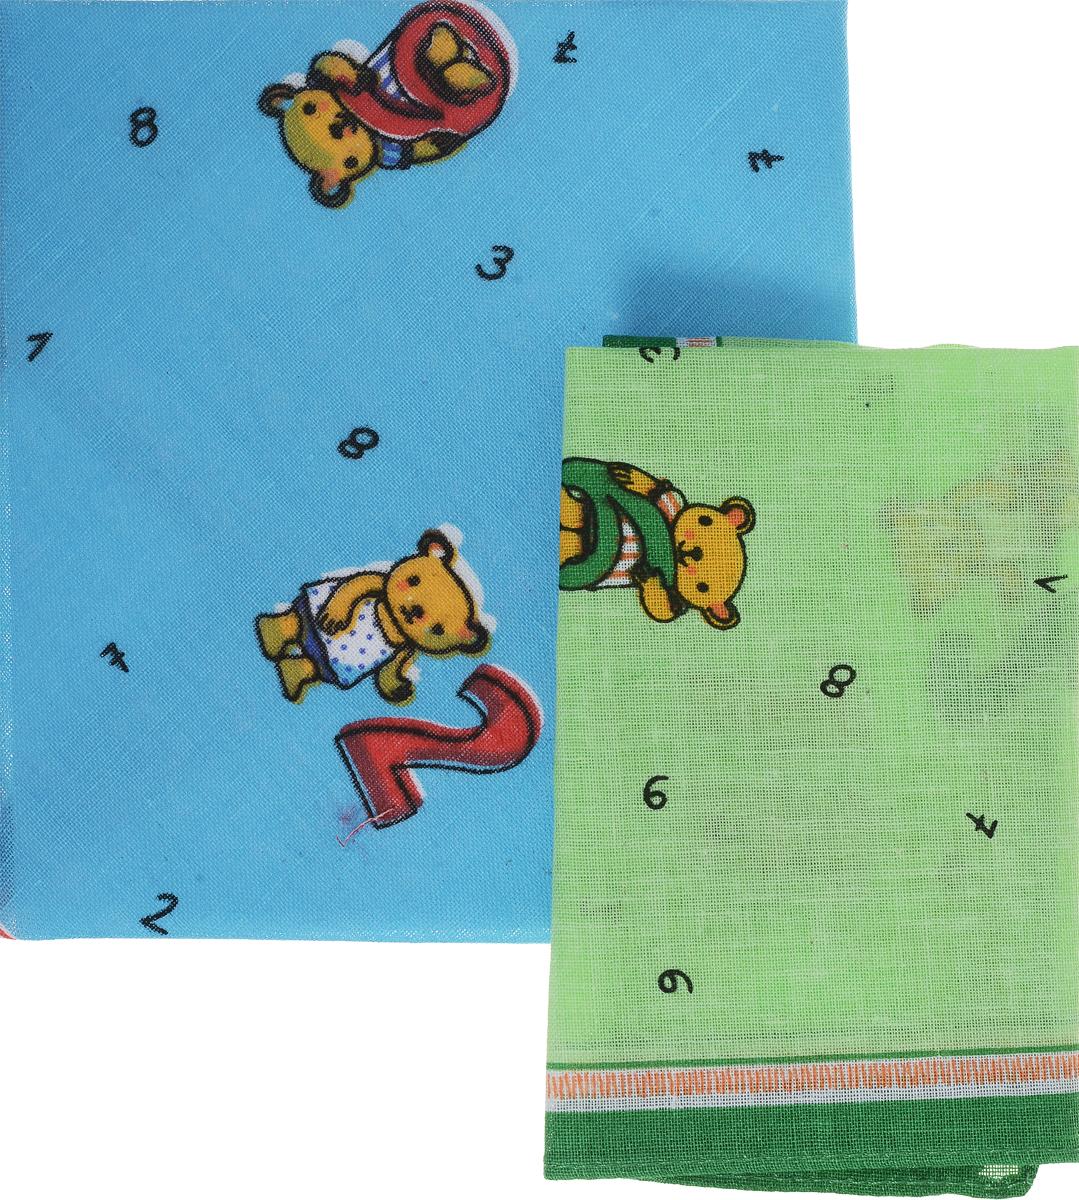 Платок носовой детский Zlata Korunka, цвет: голубой, зеленый. 40230-26. Размер 21 х 21 см, 2 шт40230-26_синийДетский носовой платок Zlata Korunka изготовлен из высококачественного натурального хлопка, благодаря чему приятен в использовании. Платок хорошо стирается, не садится и отлично впитывает влагу. Платочек декорирован оригинальным принтом. В комплекте 2 платка.